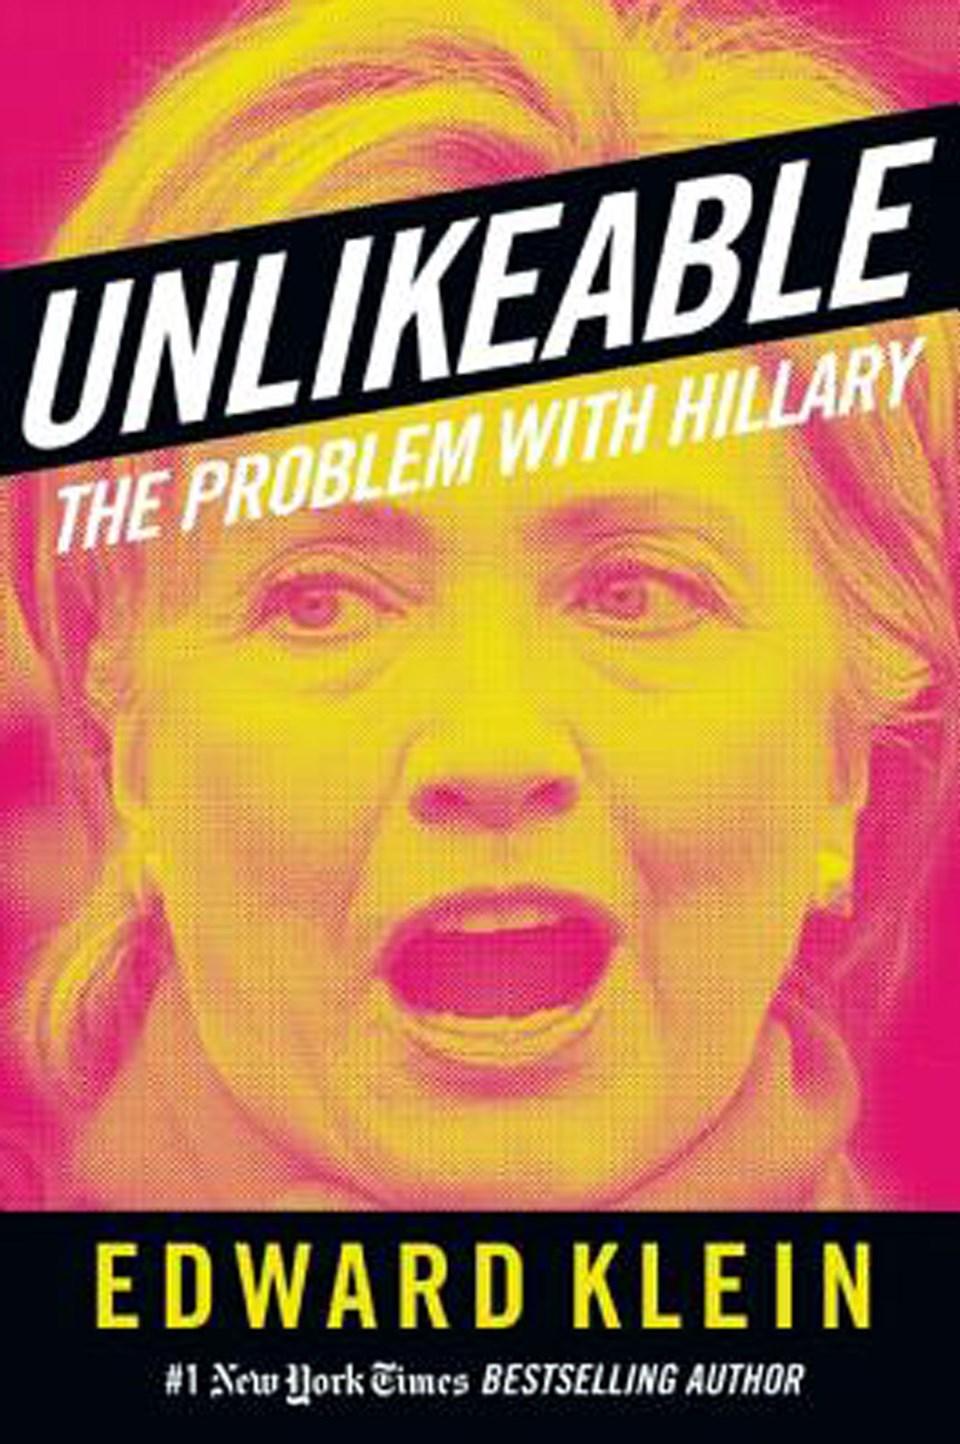 """Edward Klein'ın """"Unlikeable"""" adlı kitabı Amazon'da 18.79 dolara (yaklaşık 58 liraya) satılıyor."""